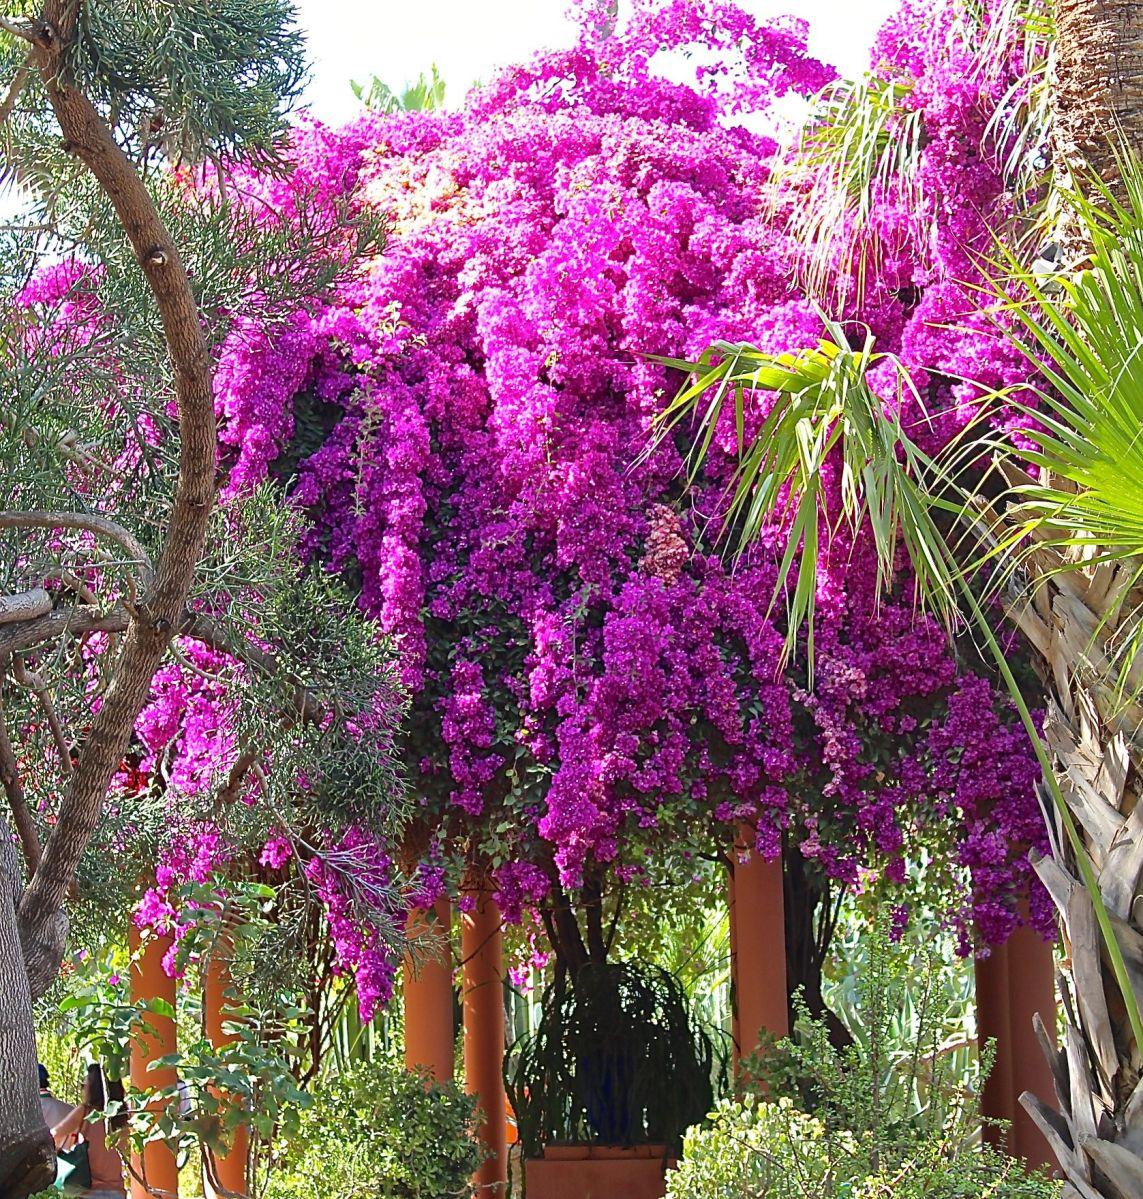 Jardin majorelle my backyard blooms southern girl gone for Jardin majorelle 2015